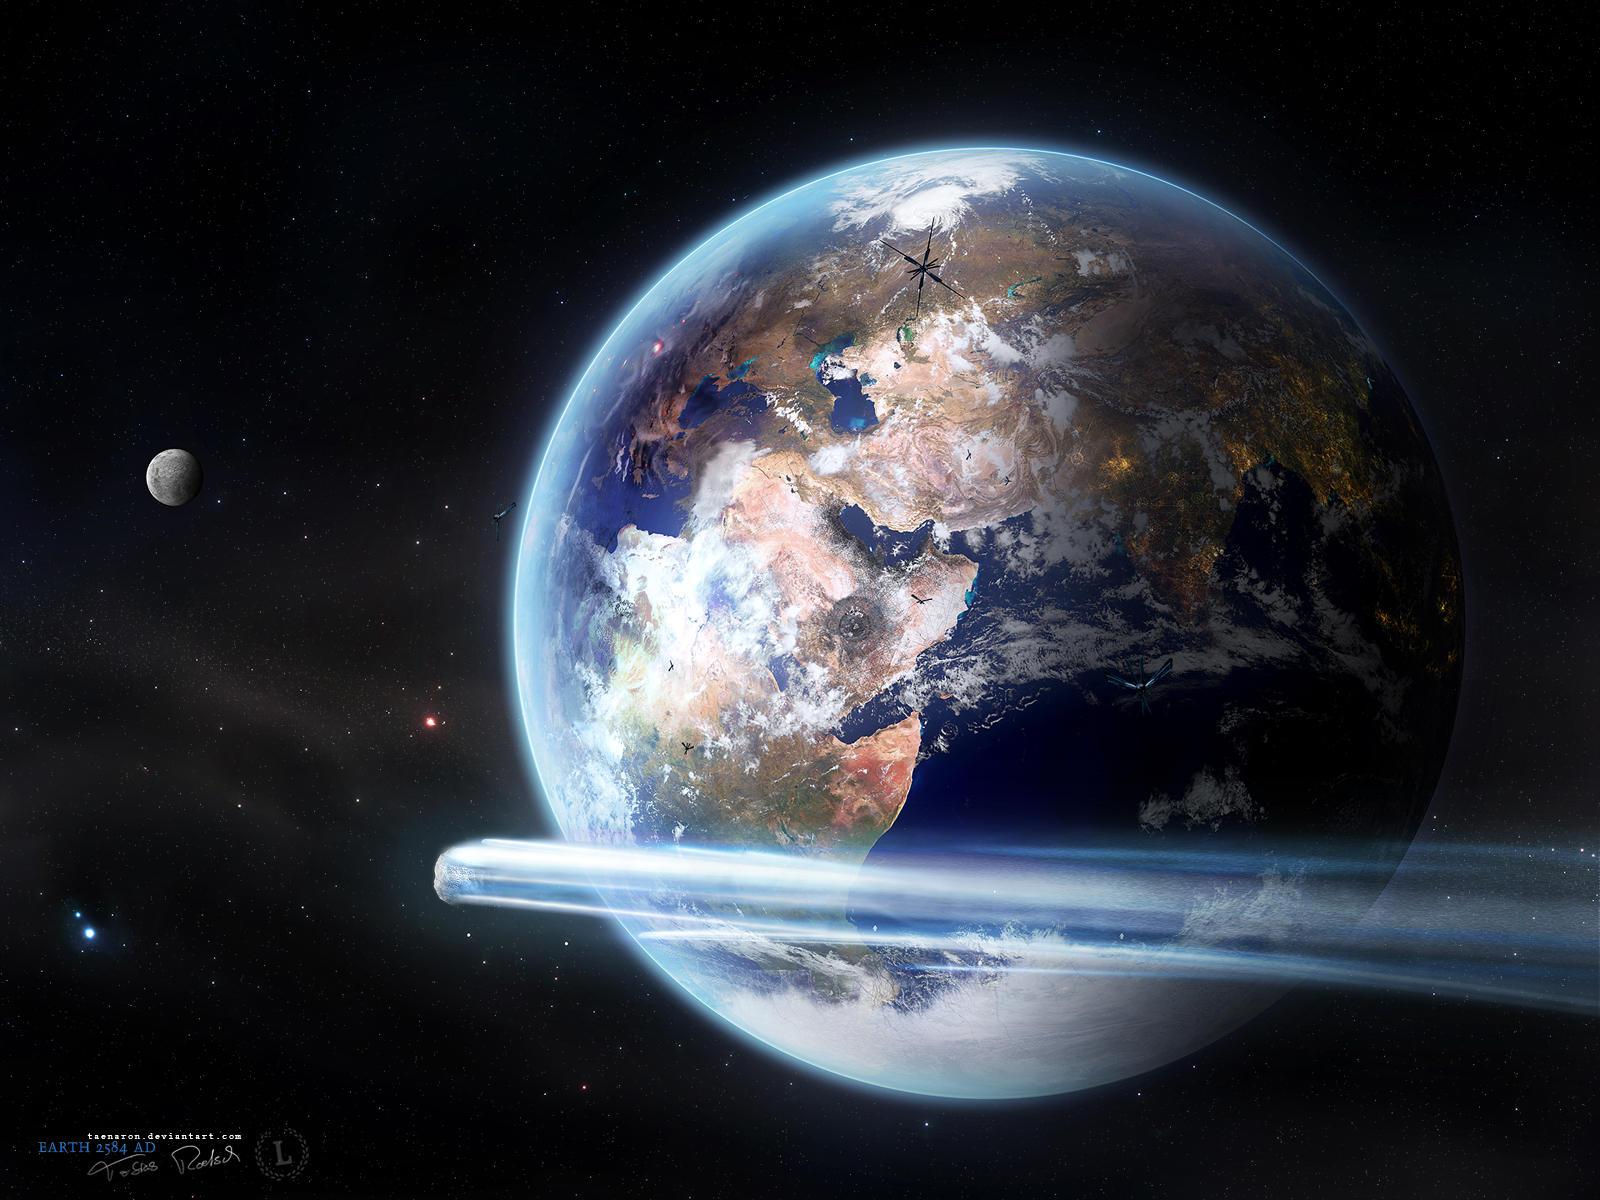 Earth 2584 by TobiasRoetsch